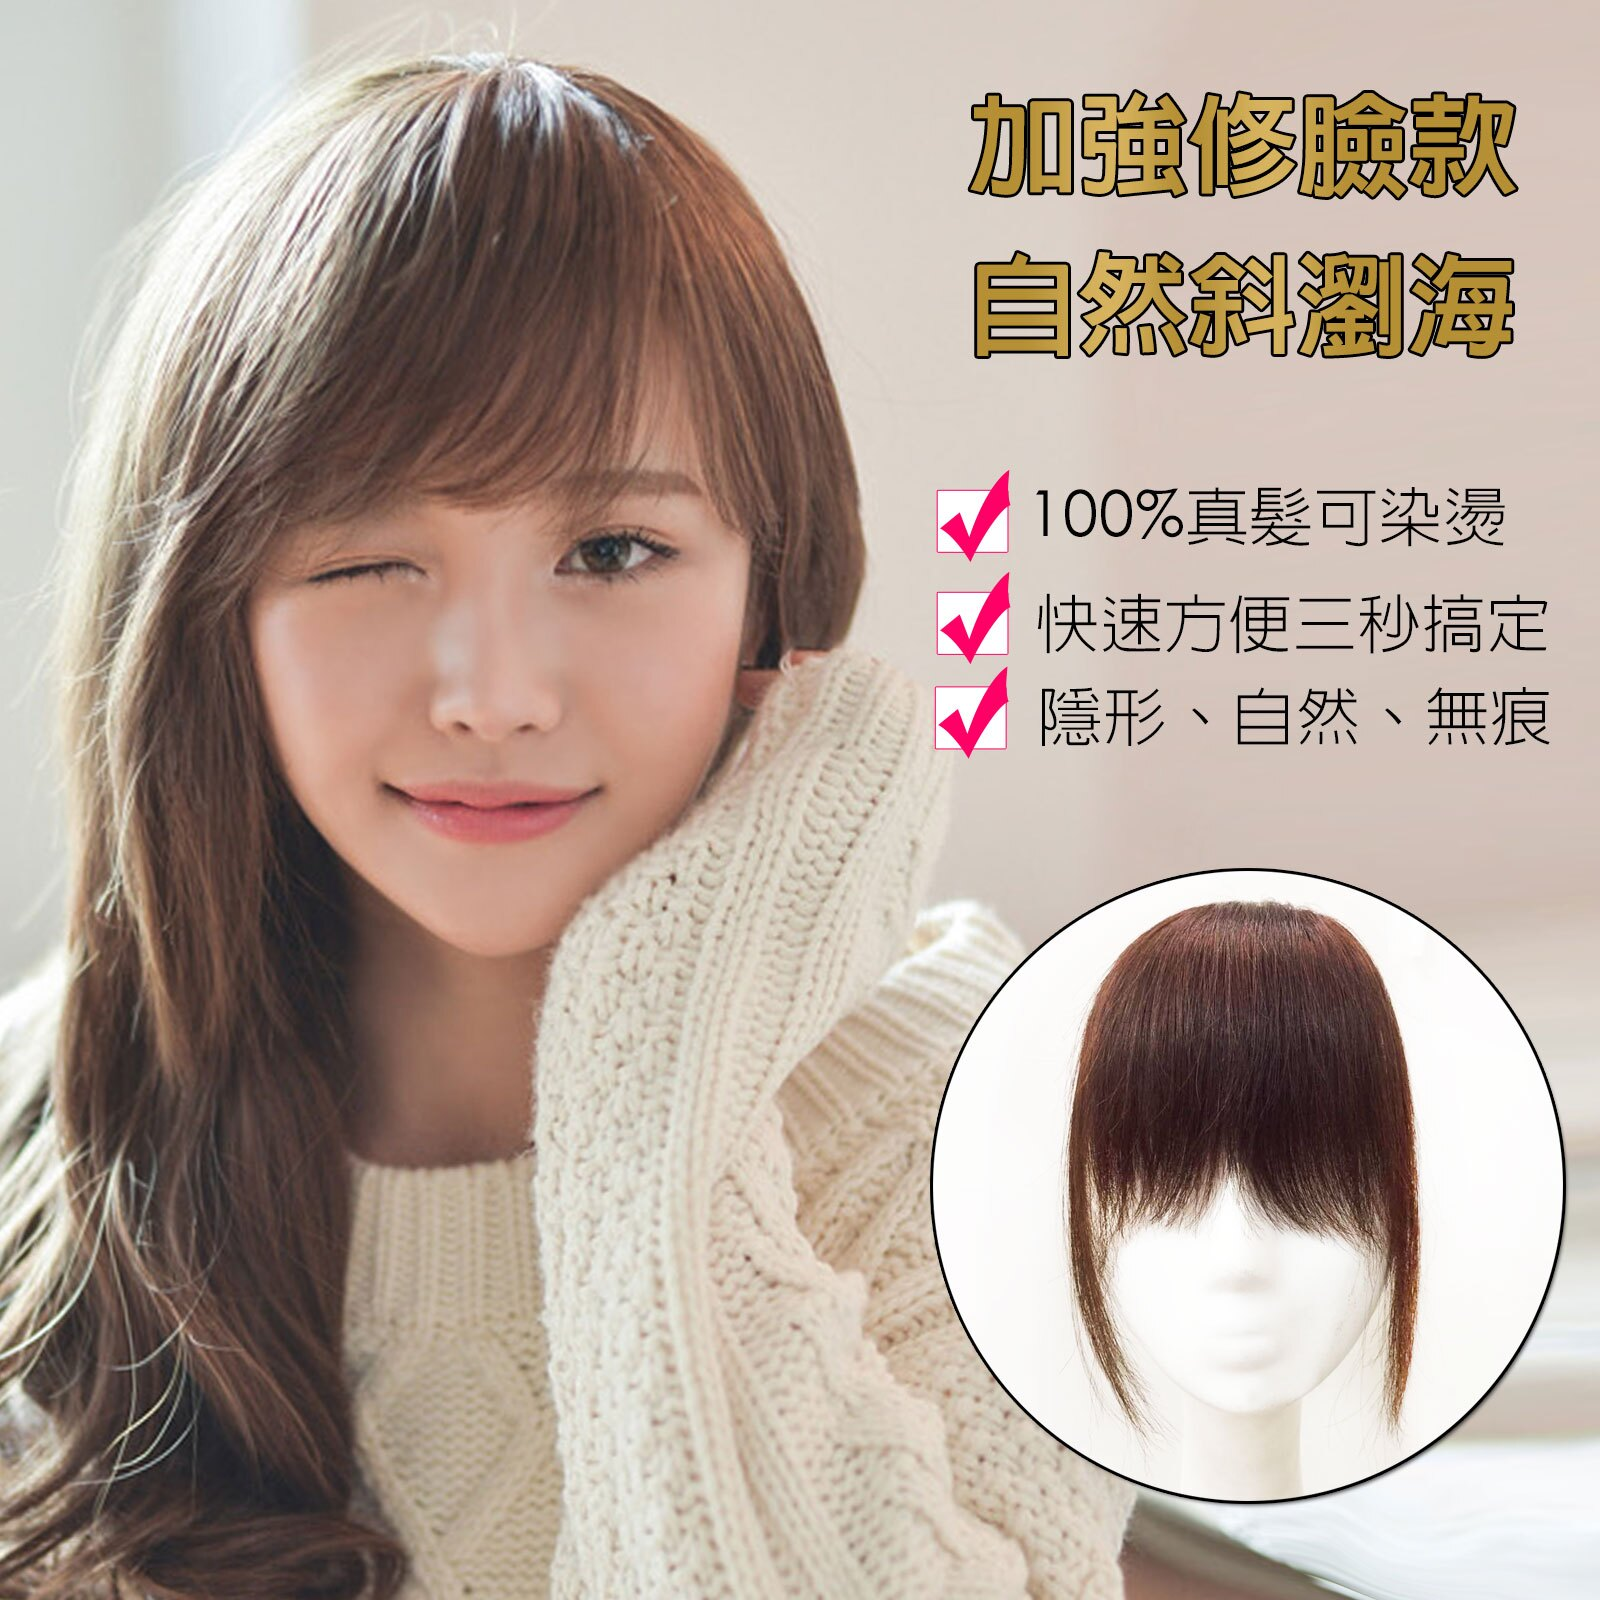 真髮。超薄隱形邊 自然斜瀏海髮片 亮麗小清新風格100%真髮【RT30】☆雙兒網☆